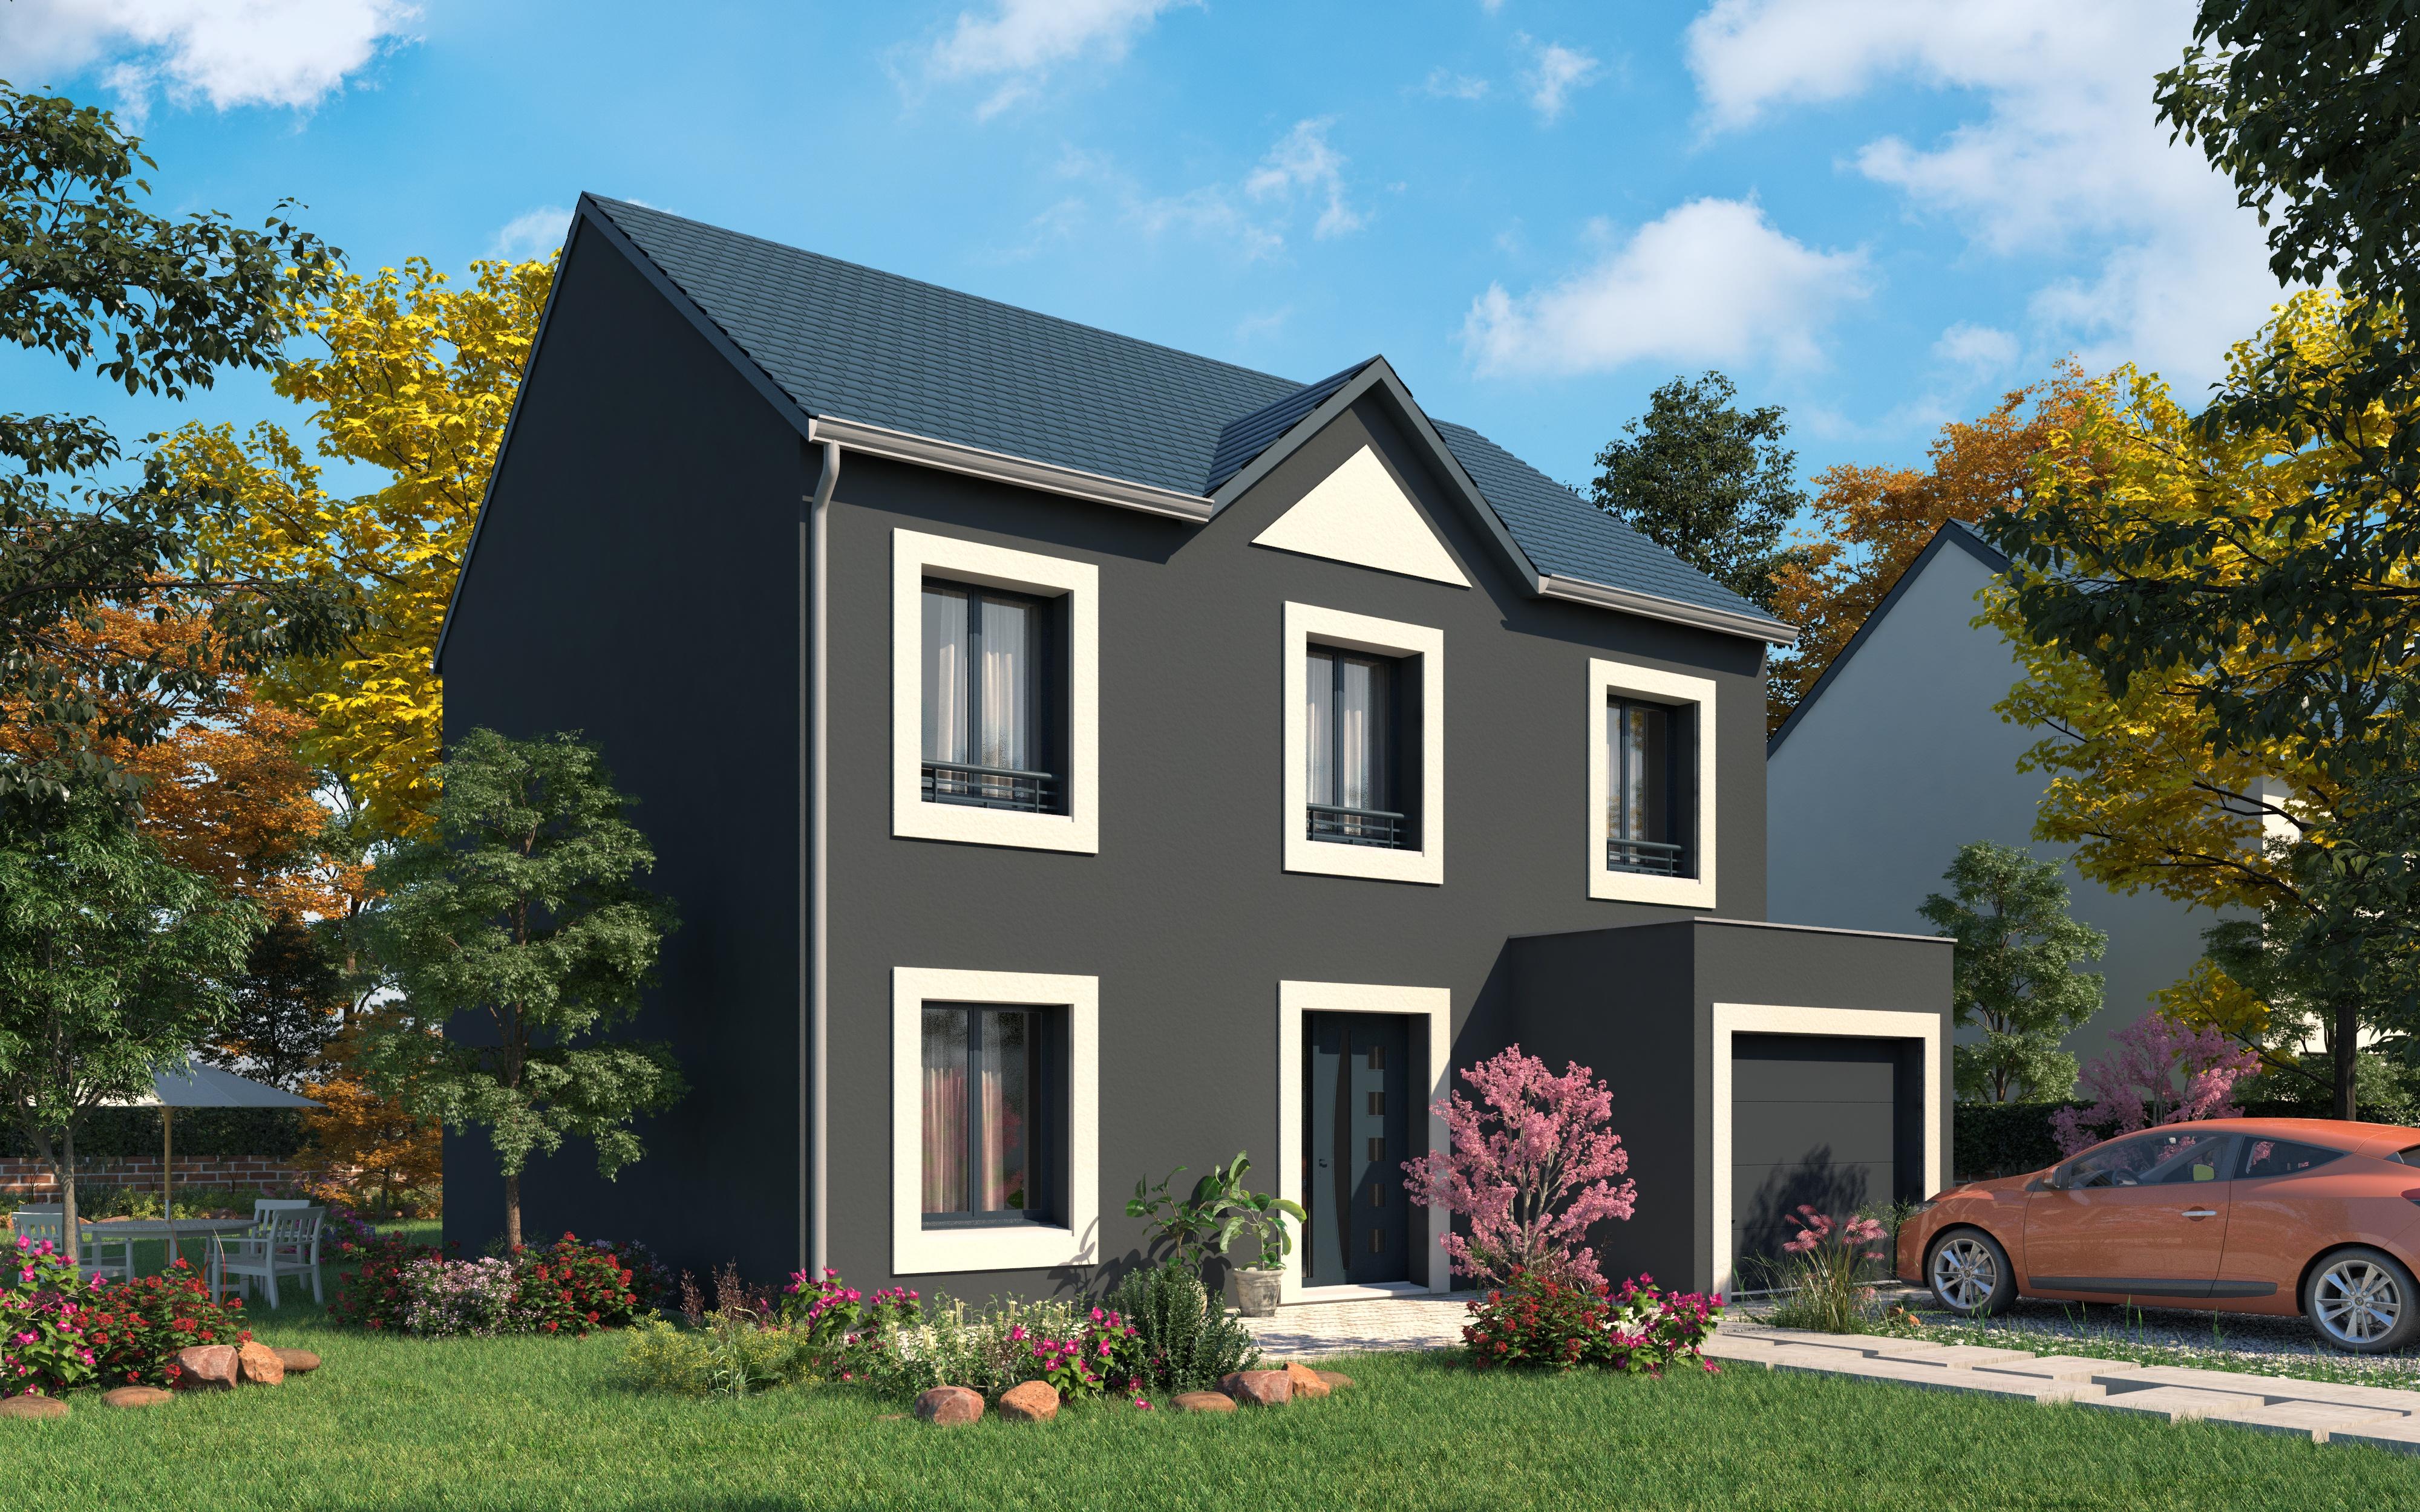 Maisons + Terrains du constructeur RESIDENCES PICARDES SOISSONS • 114 m² • CHATEAU THIERRY